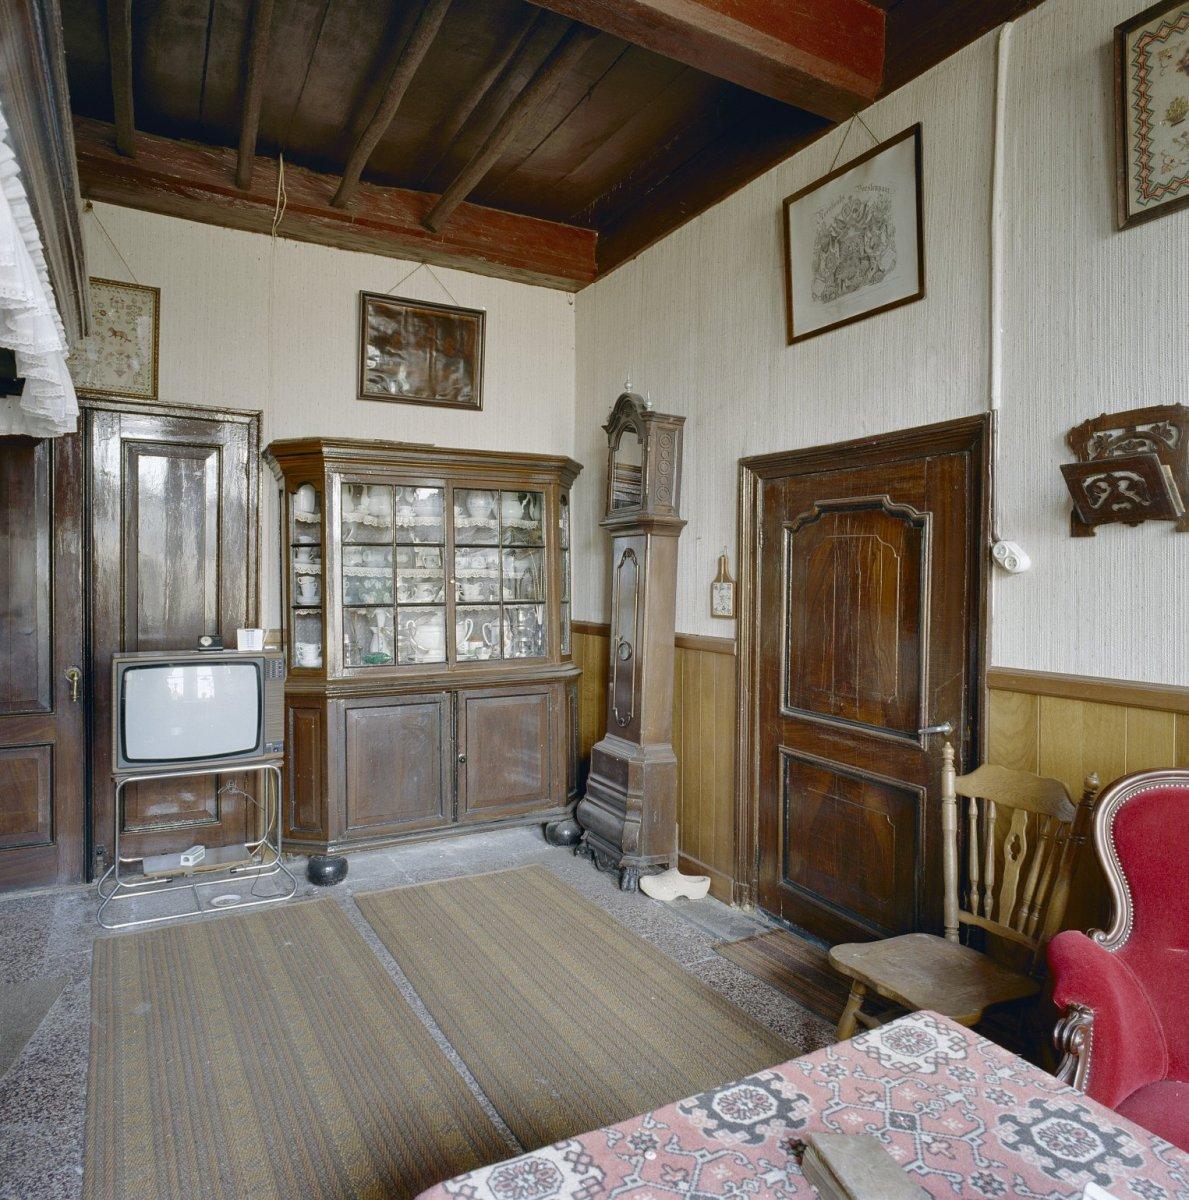 File:Interieur voorhuis, oude keuken - Winterswijk - 20346486 - RCE ...